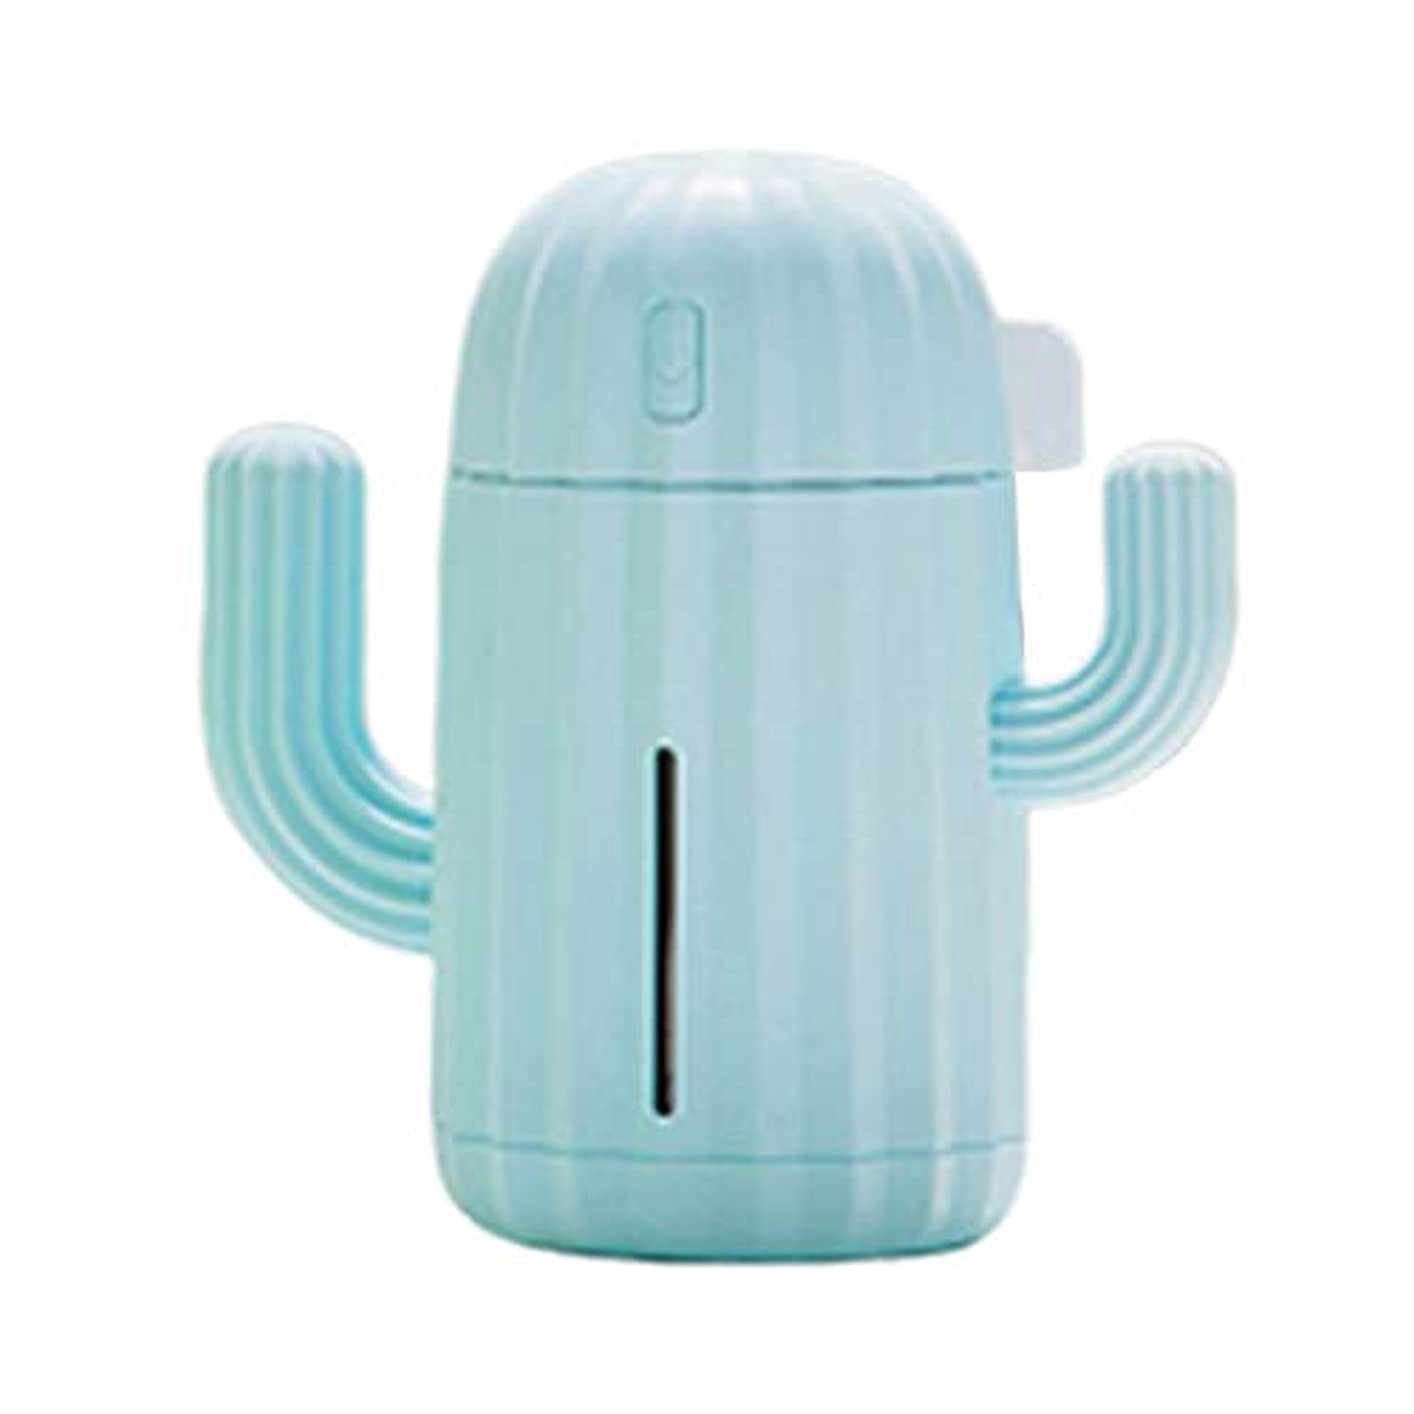 コールド欲しいです運搬340Ml Usb Air Humidifier Cactus Timing Aromatherapy Diffuser Mist Mini Aroma Atomizer for Home Essential Oil Diffuser...